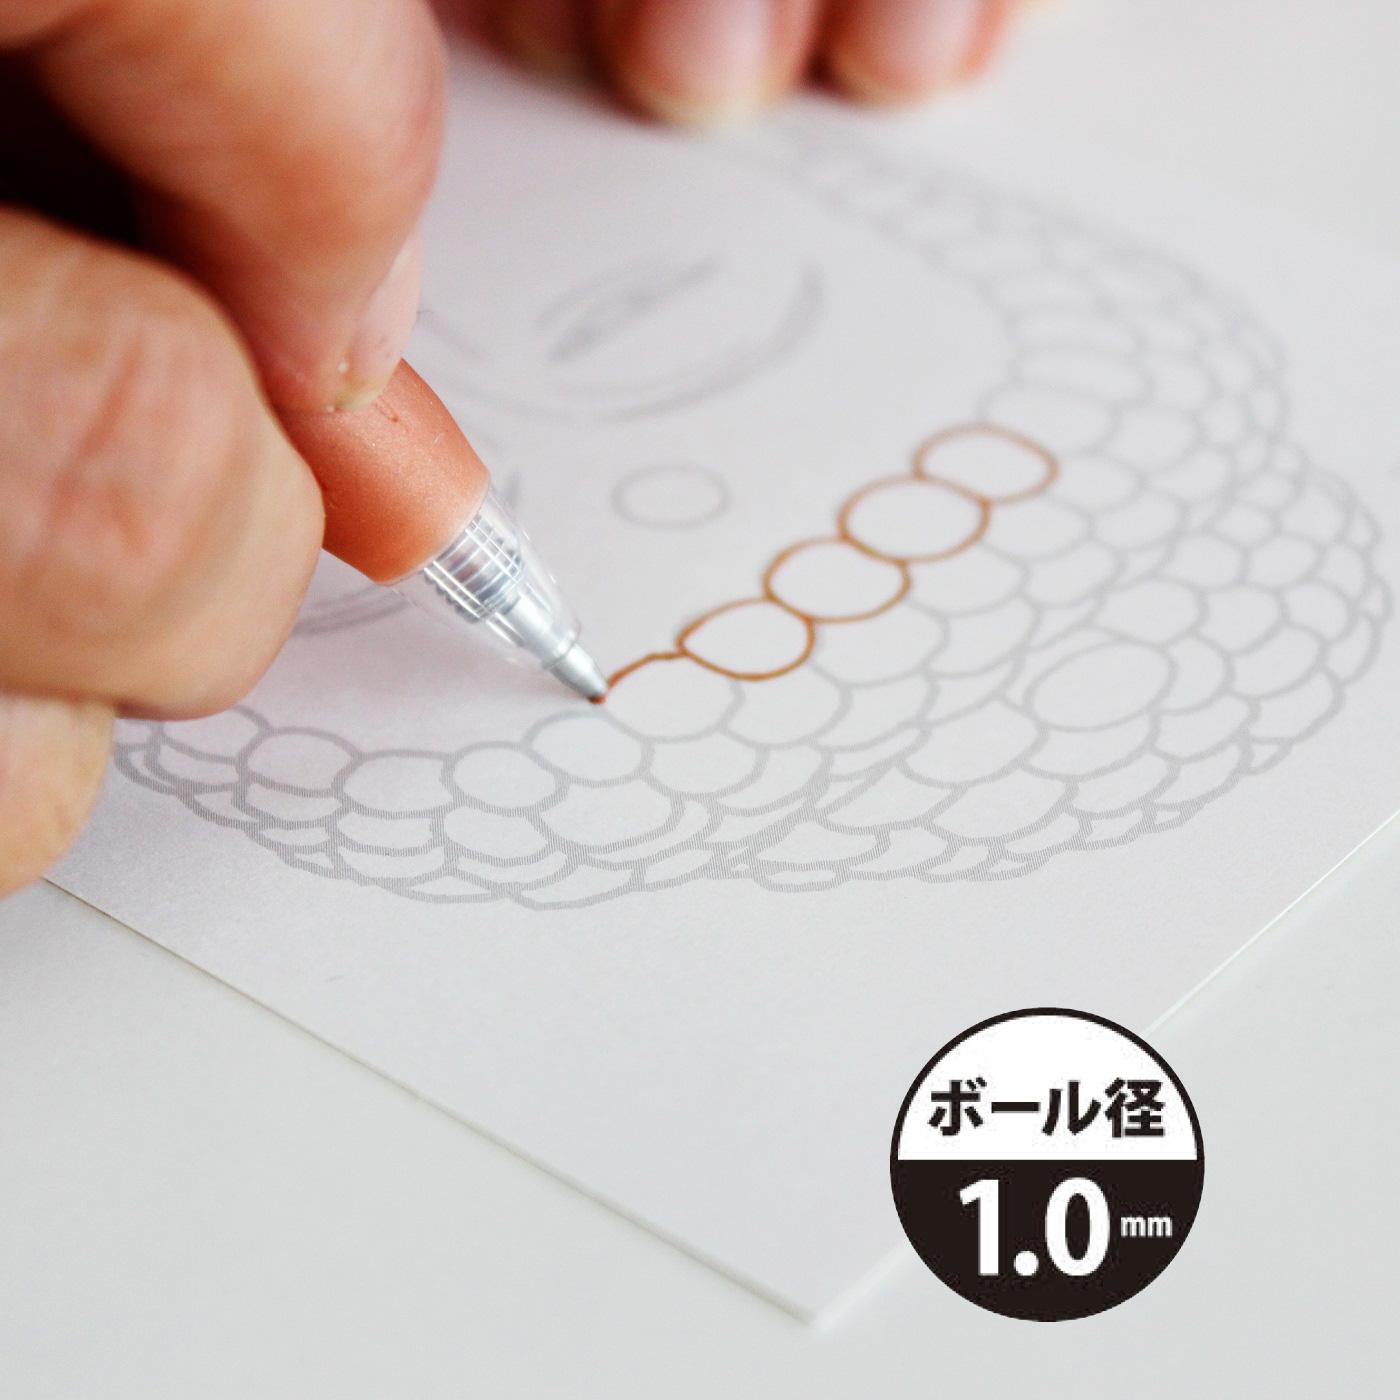 フェリシモ スキマ時間に仏さまを描いてスッキリ! SARASAクリップ仏像なぞりぬり絵1.0mm(10色セット)